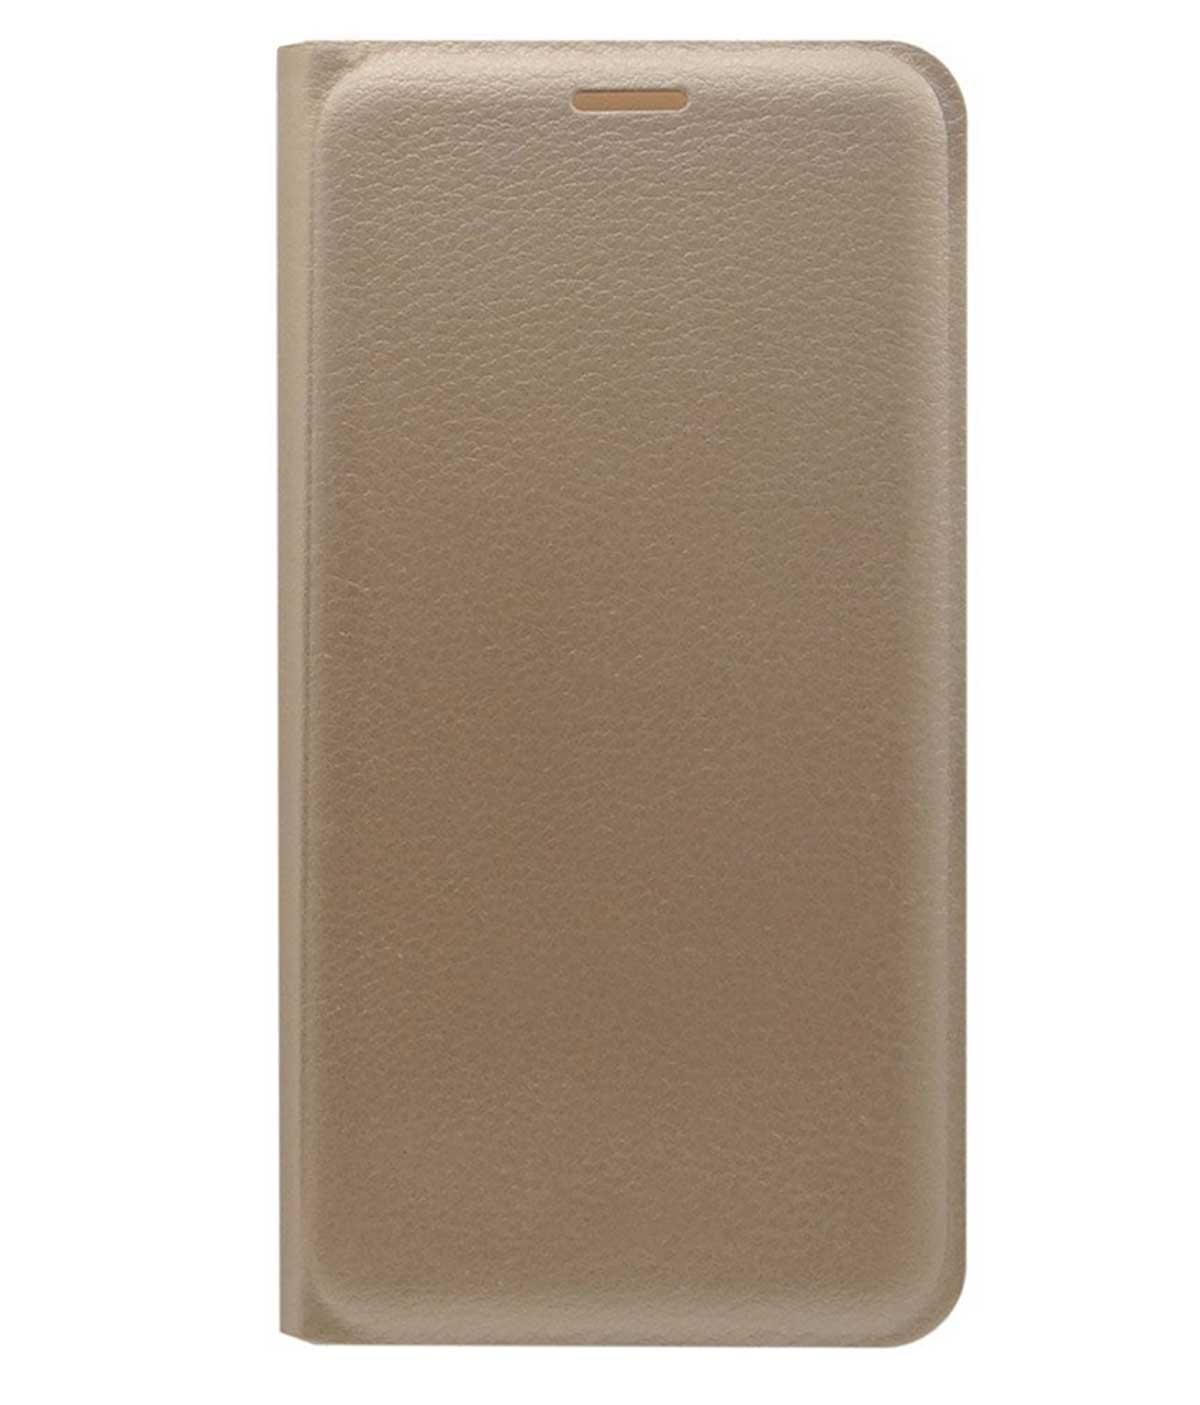 TBZ Flip Cover Case for Samsung Galaxy C9 Pro  Golden